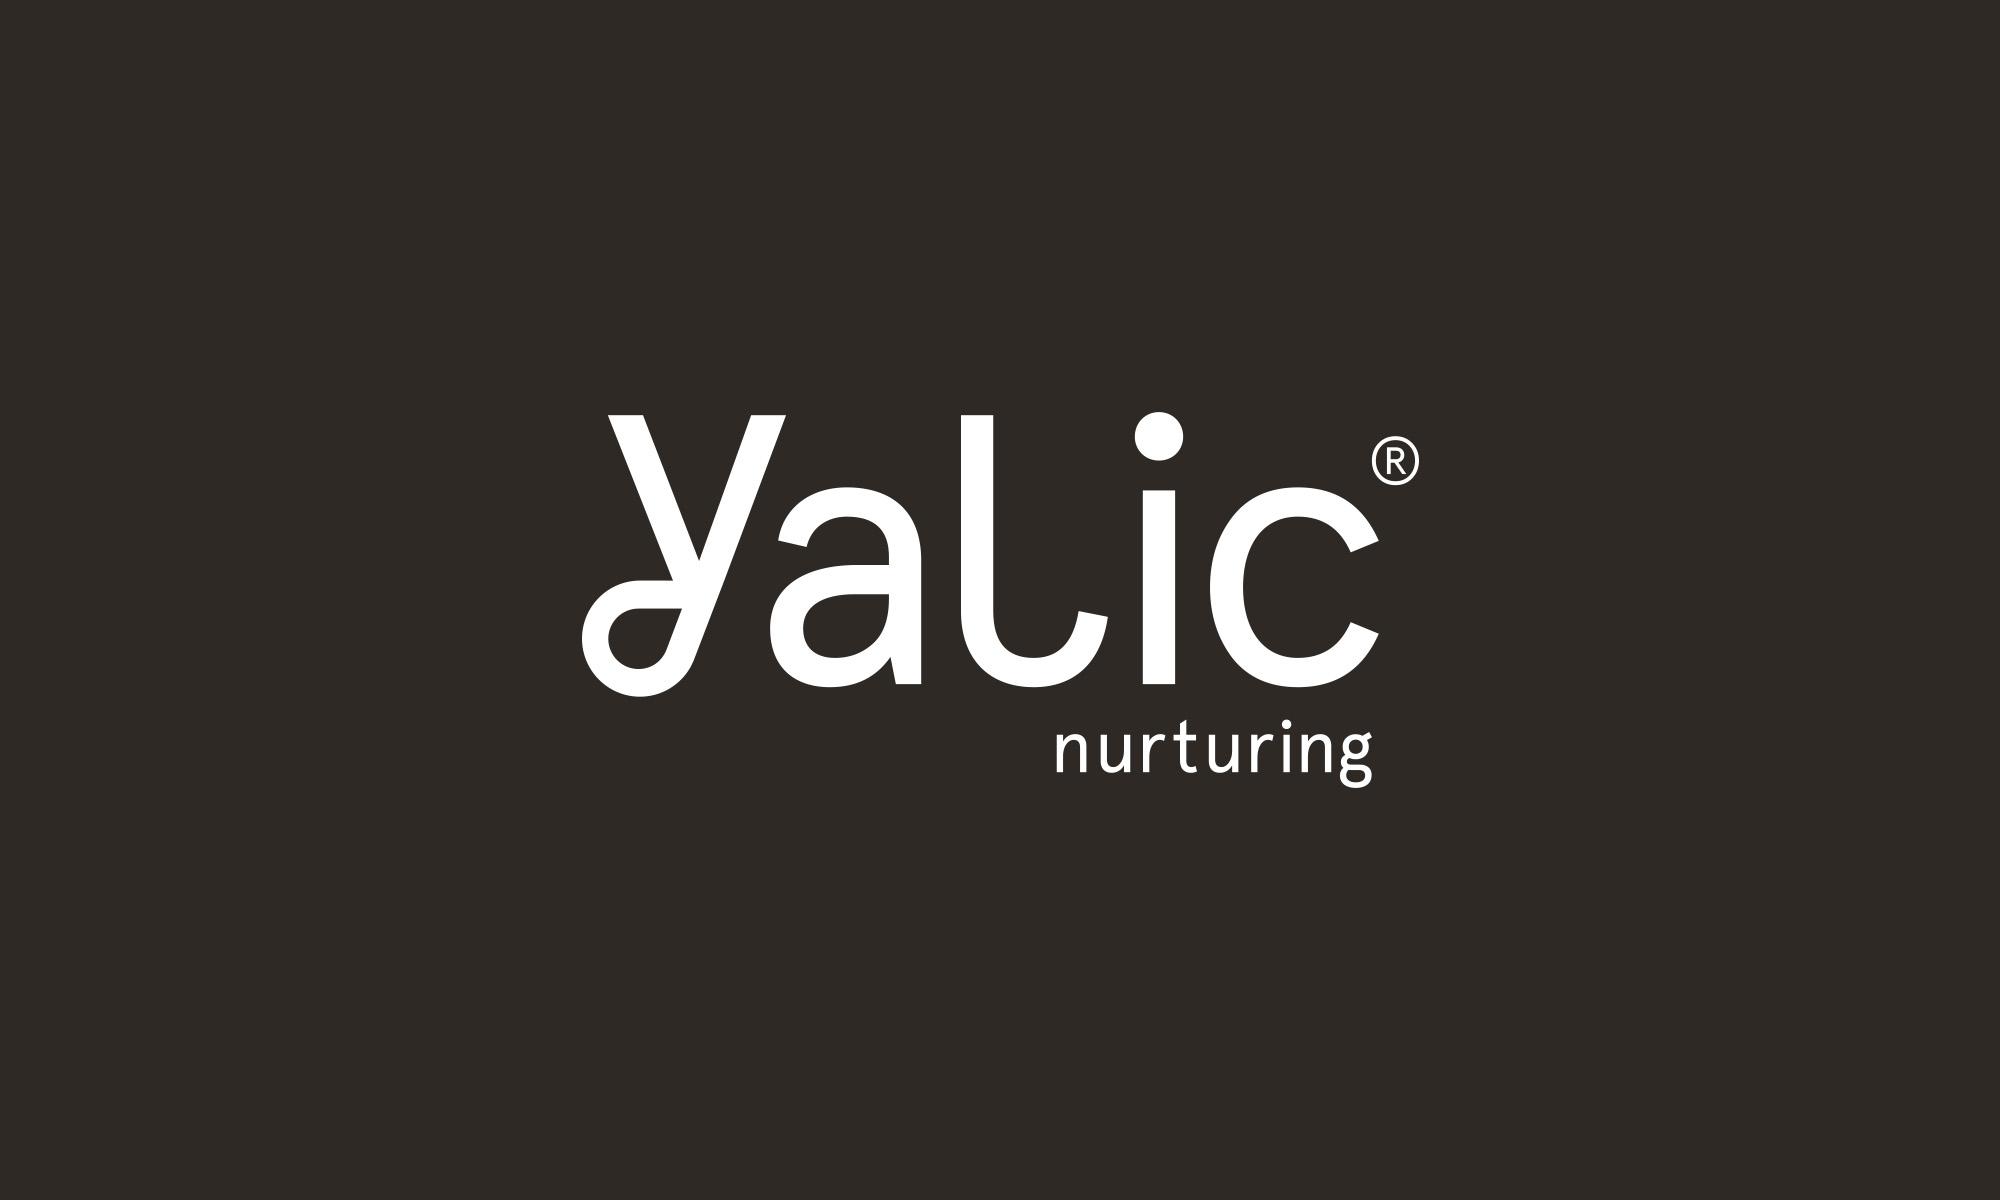 Yalic